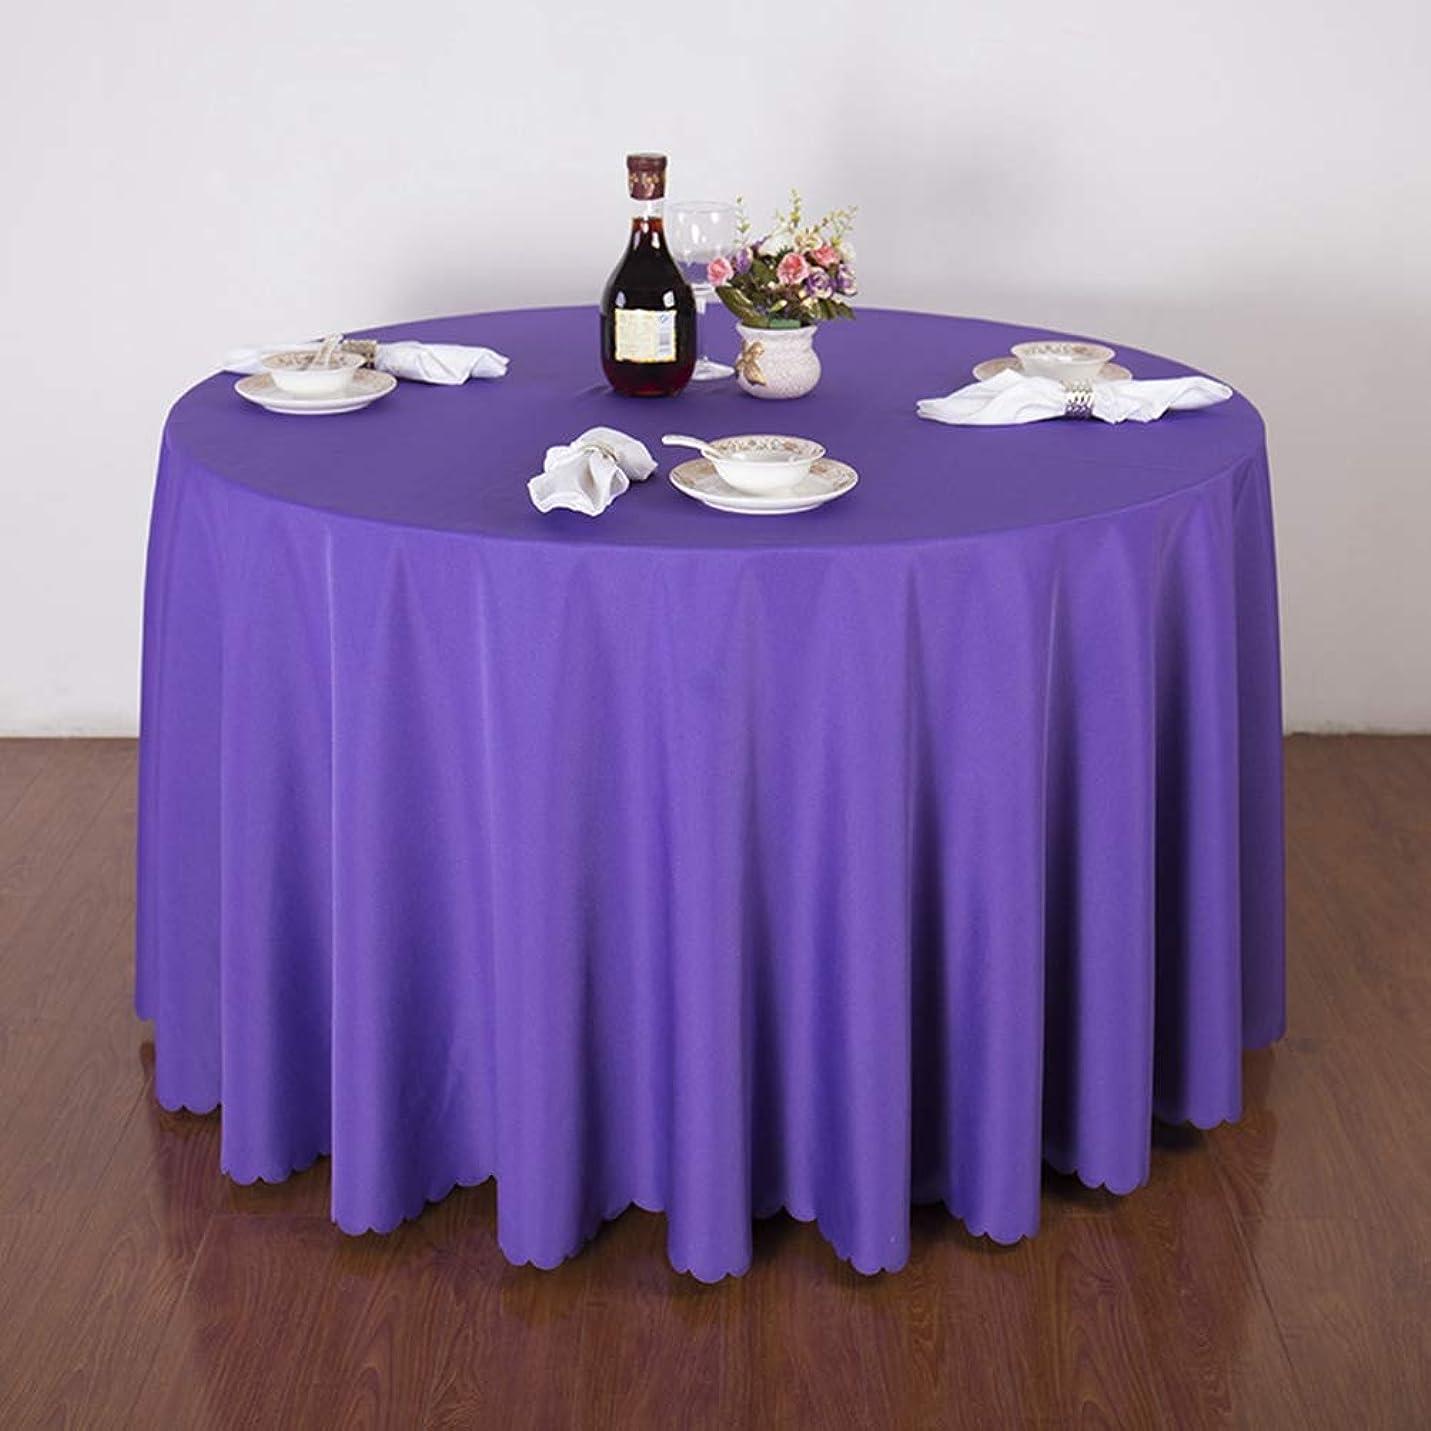 アダルト討論引き金22カラー テーブルクロス レストラン ホテル ホームパーティー 北欧 無地 防塵 耐熱 汚れ防止 円形 洗える 滑り止め ホワイト レッド ブラック ワインレッド